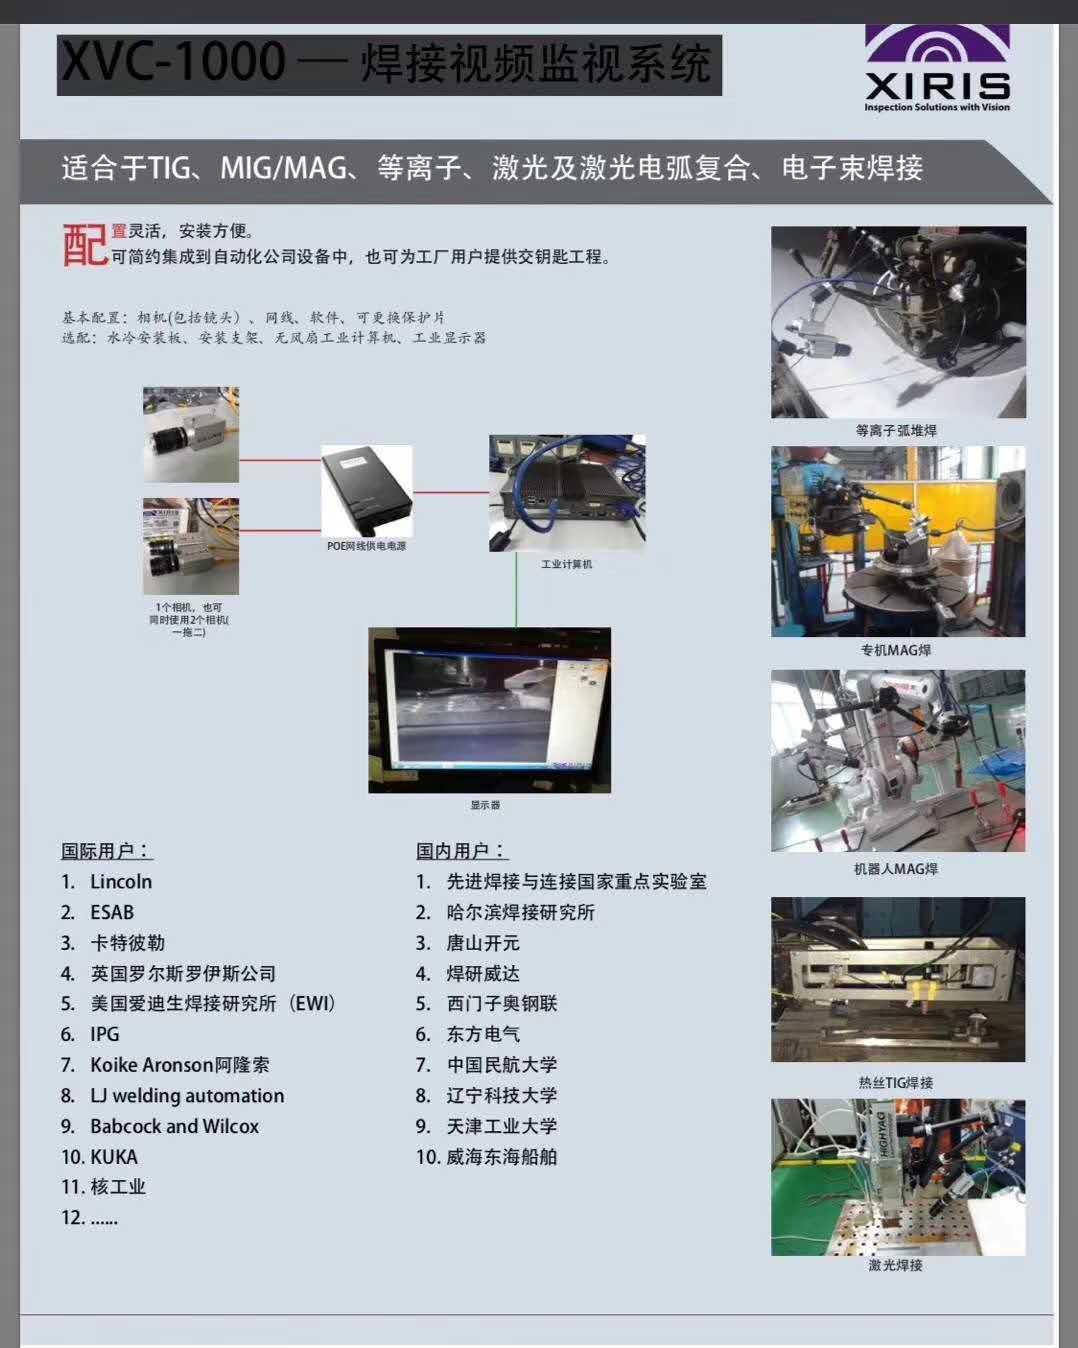 加拿大高动态彩色焊接视频监视系统 1